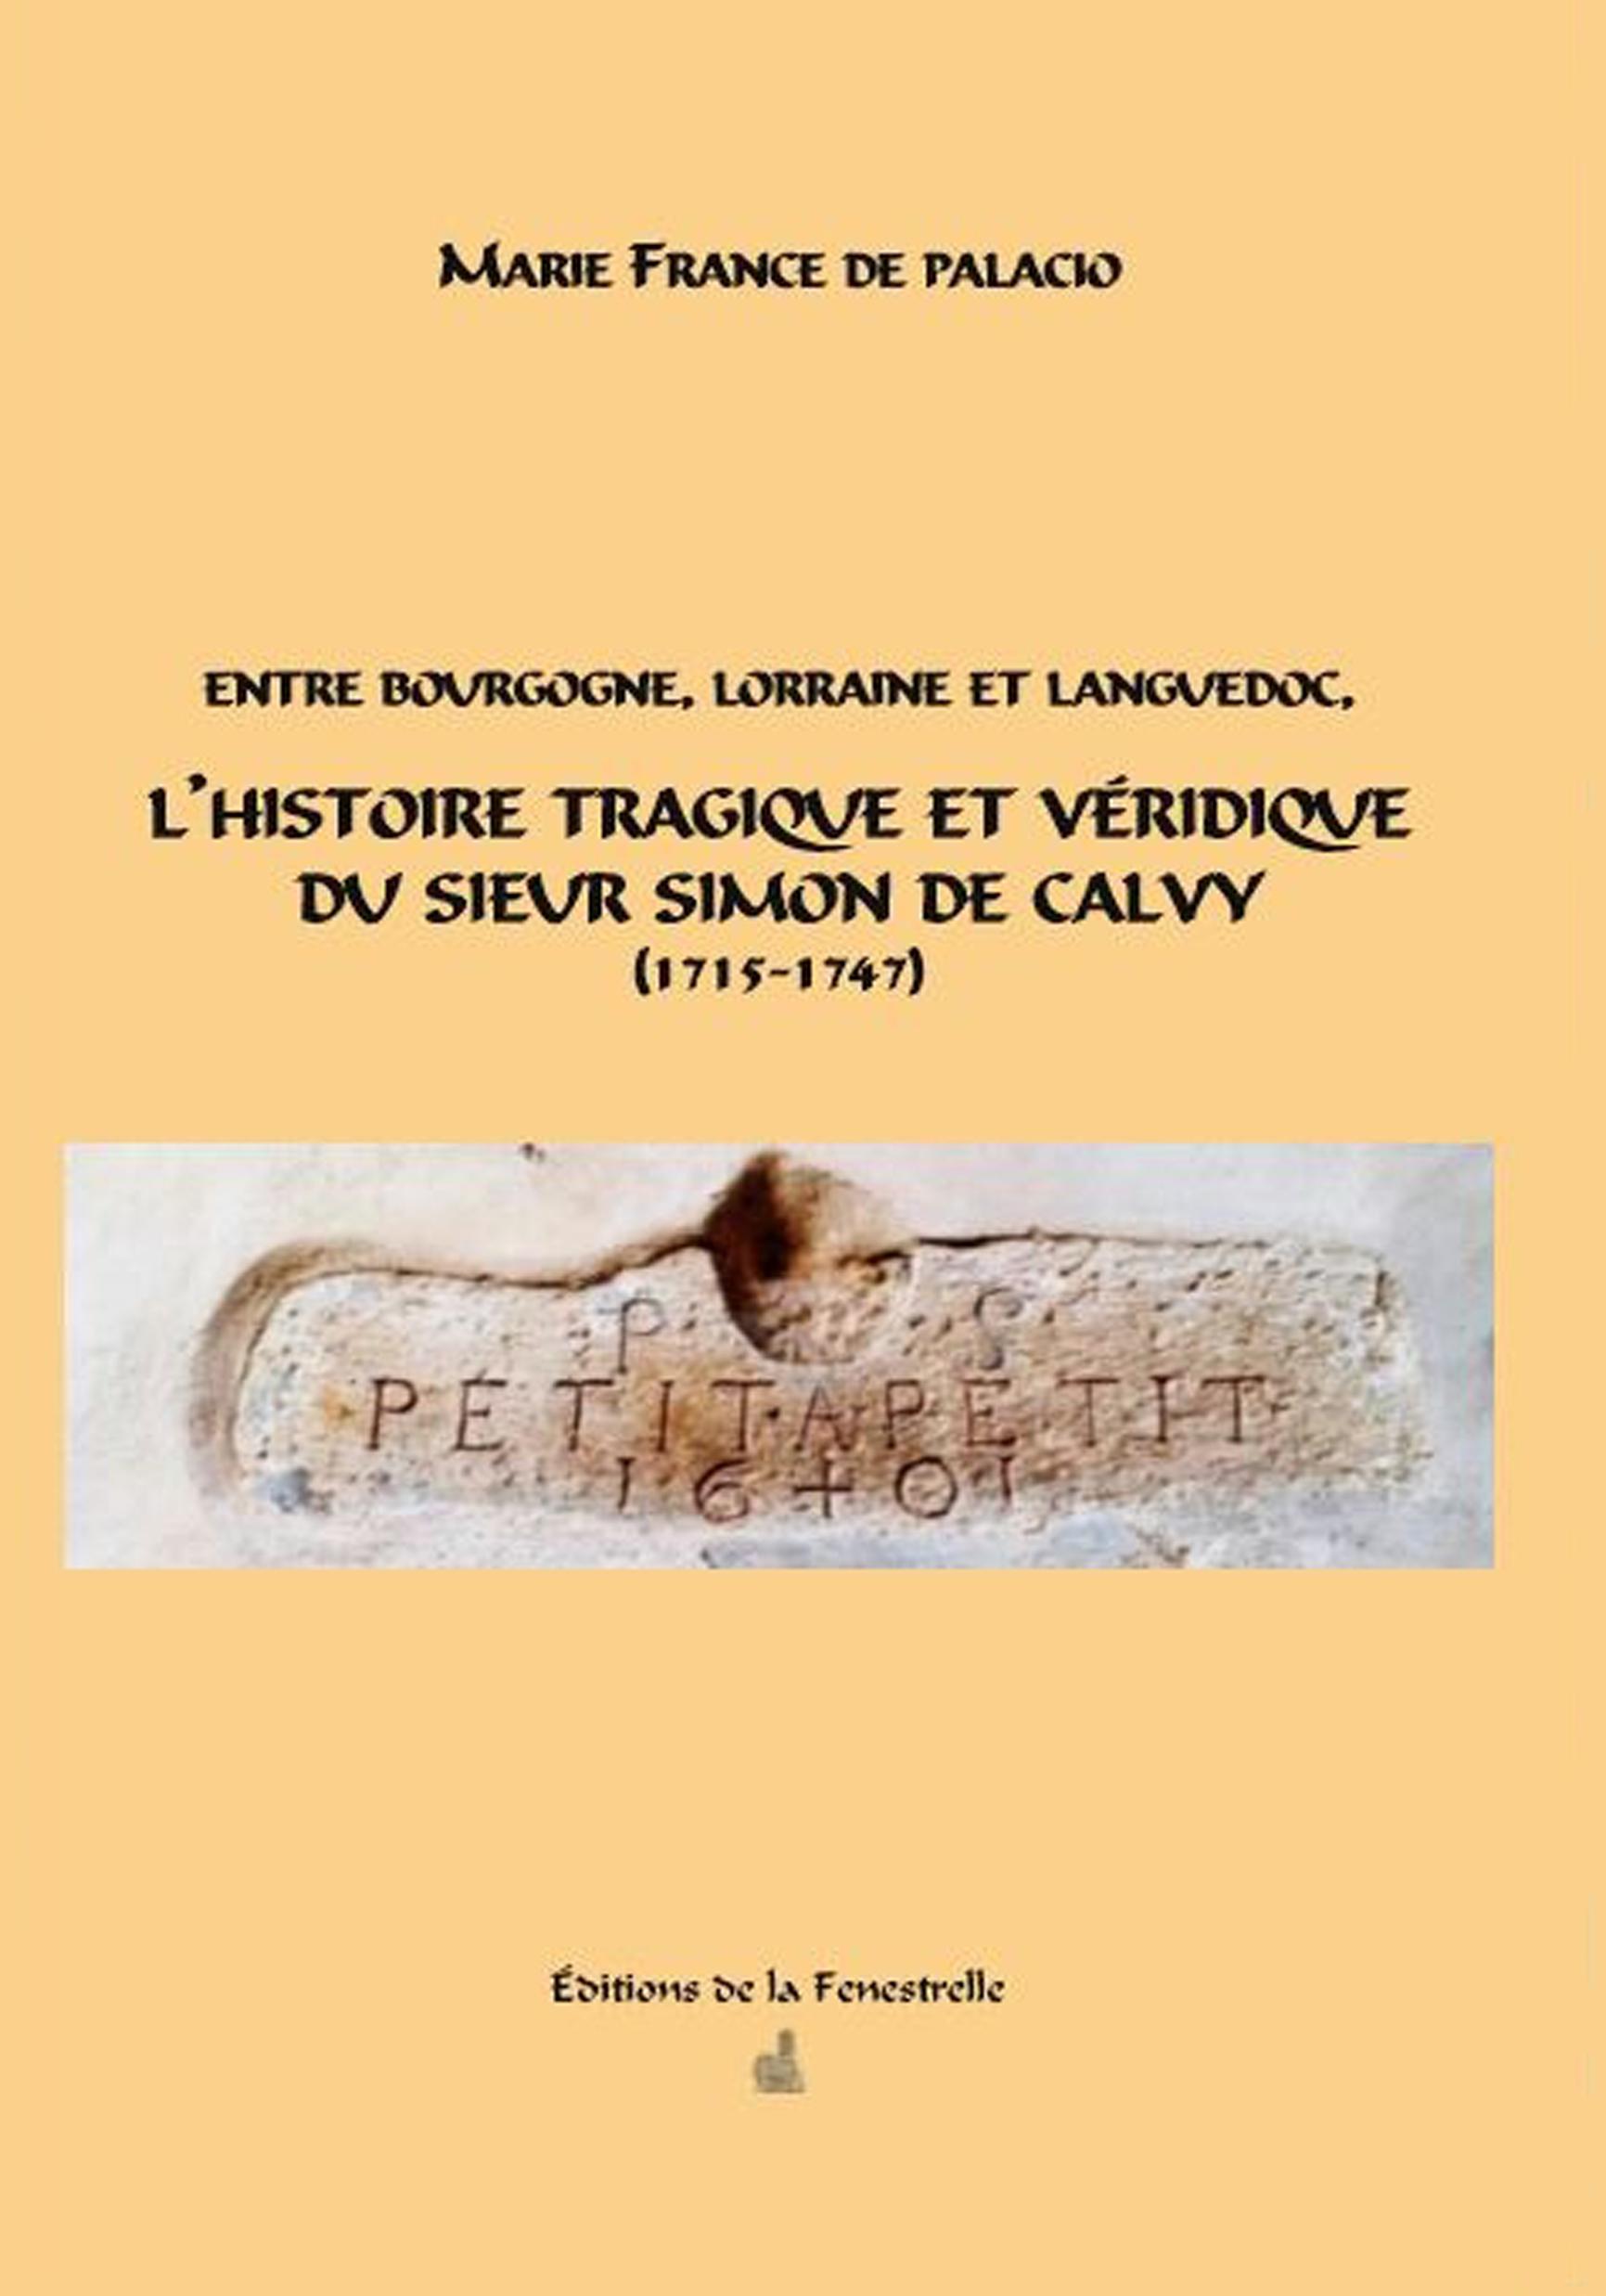 Entre Bourgogne, Lorraine et Languedoc – L'histoire tragique et véridique du Sieur Simon de Calvy (1715-1747)